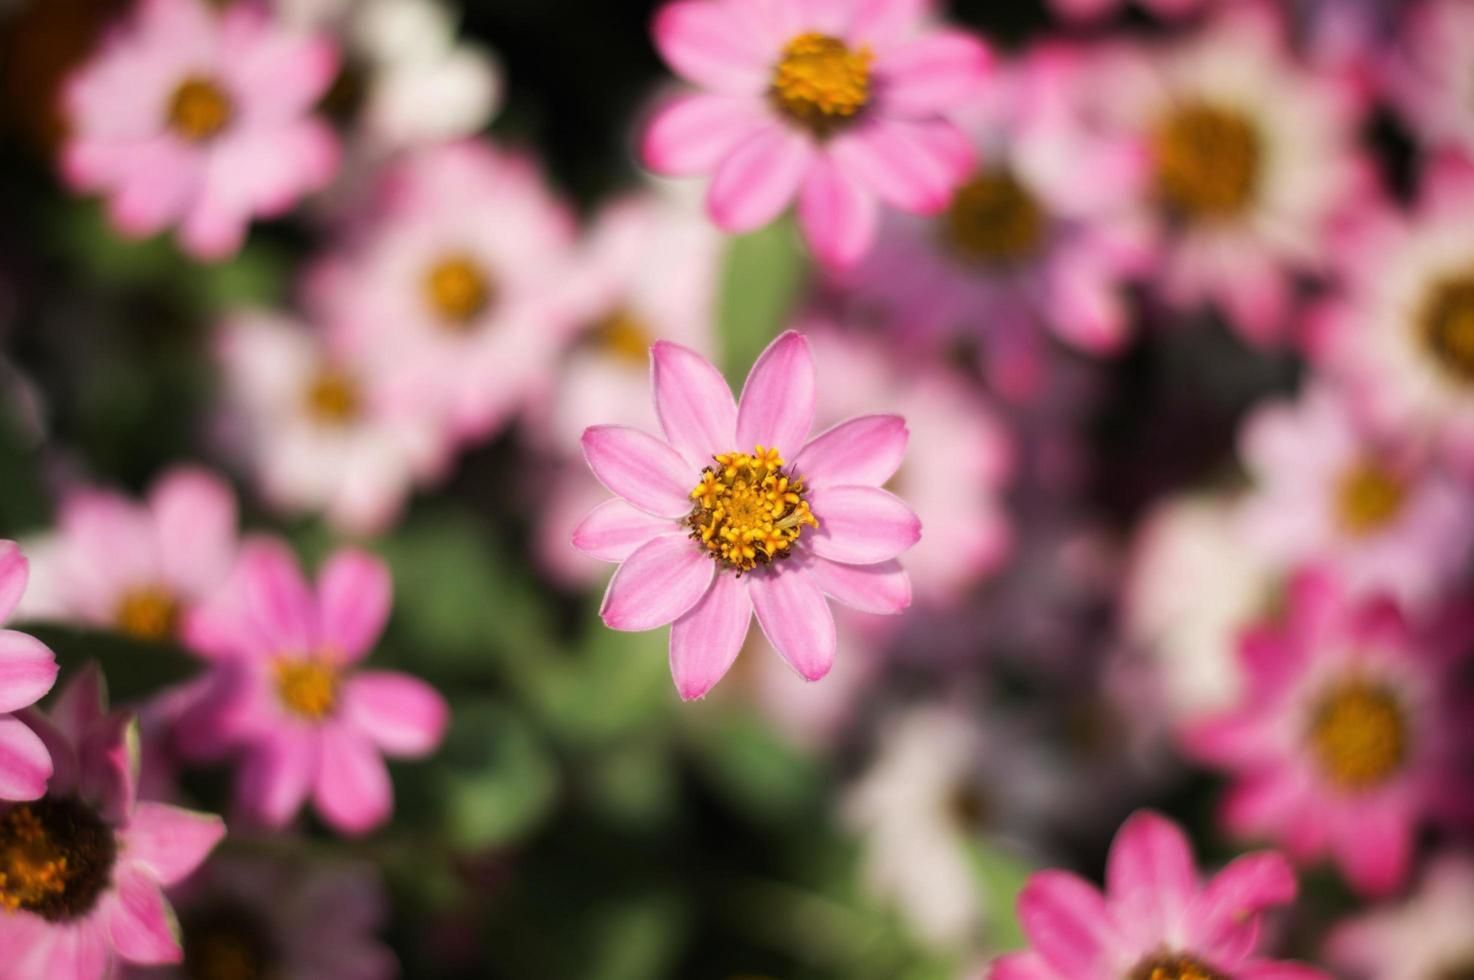 rosa blomma i trädgården foto